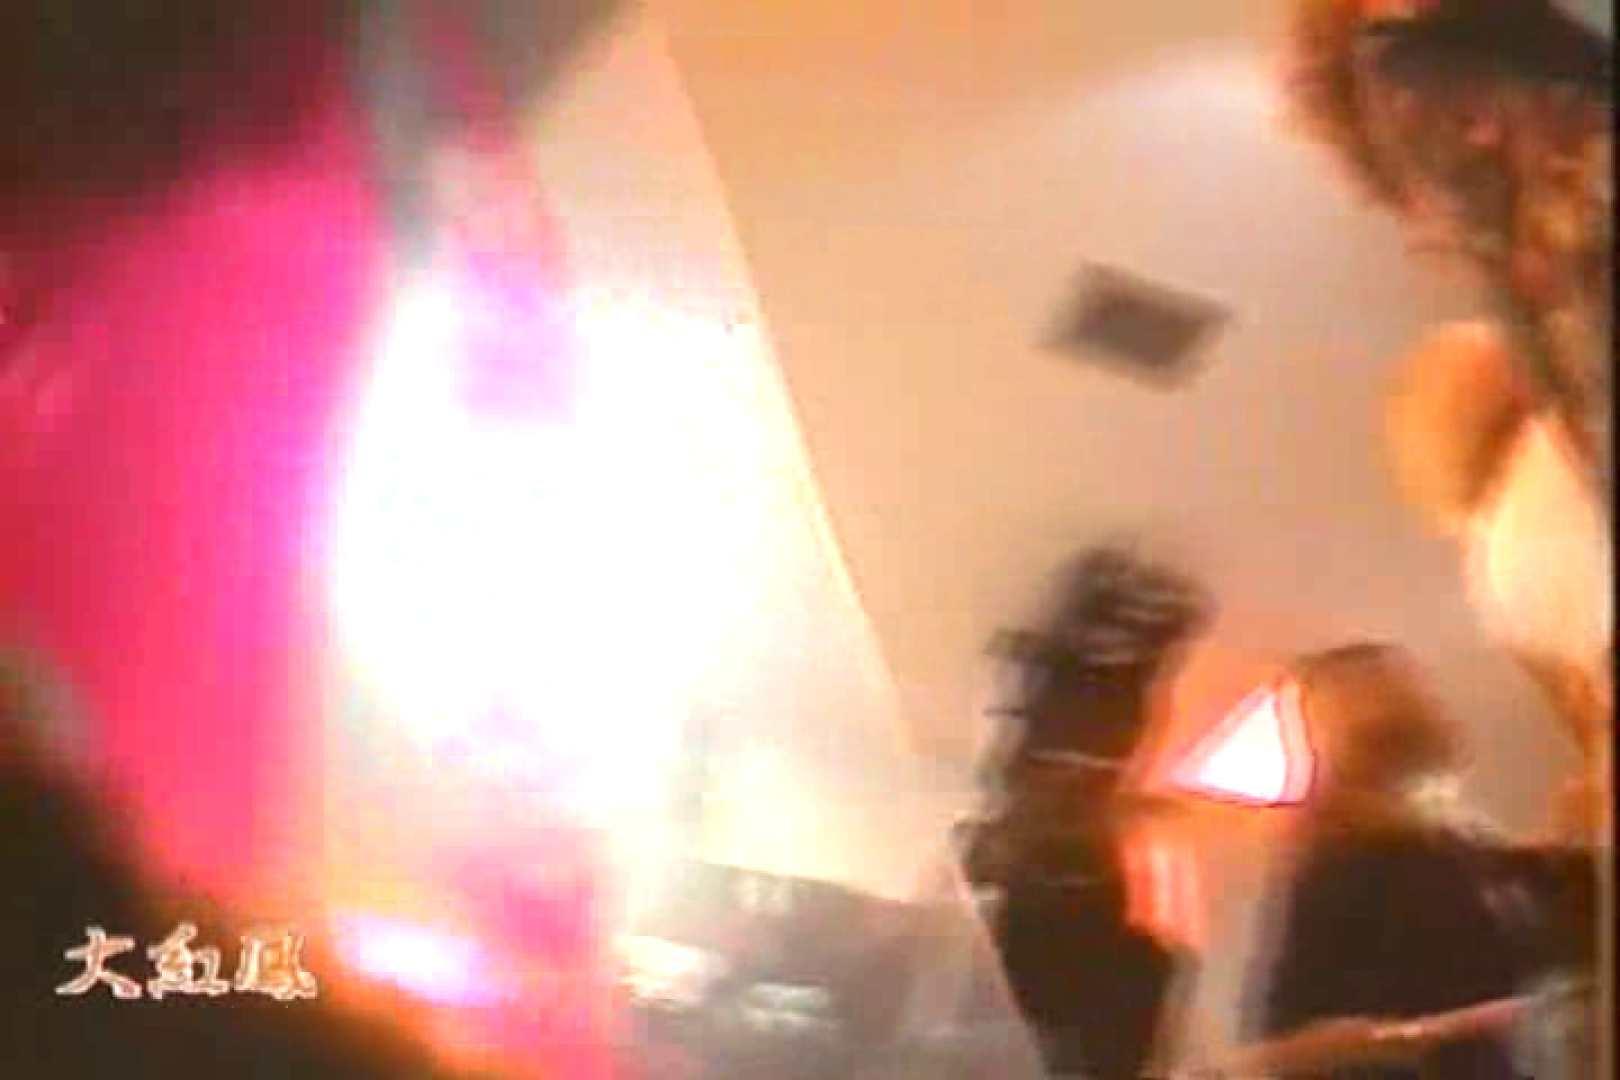 究極カリスマショップ逆さ撮り 完全保存版02 盗撮 | 覗き  108pic 31